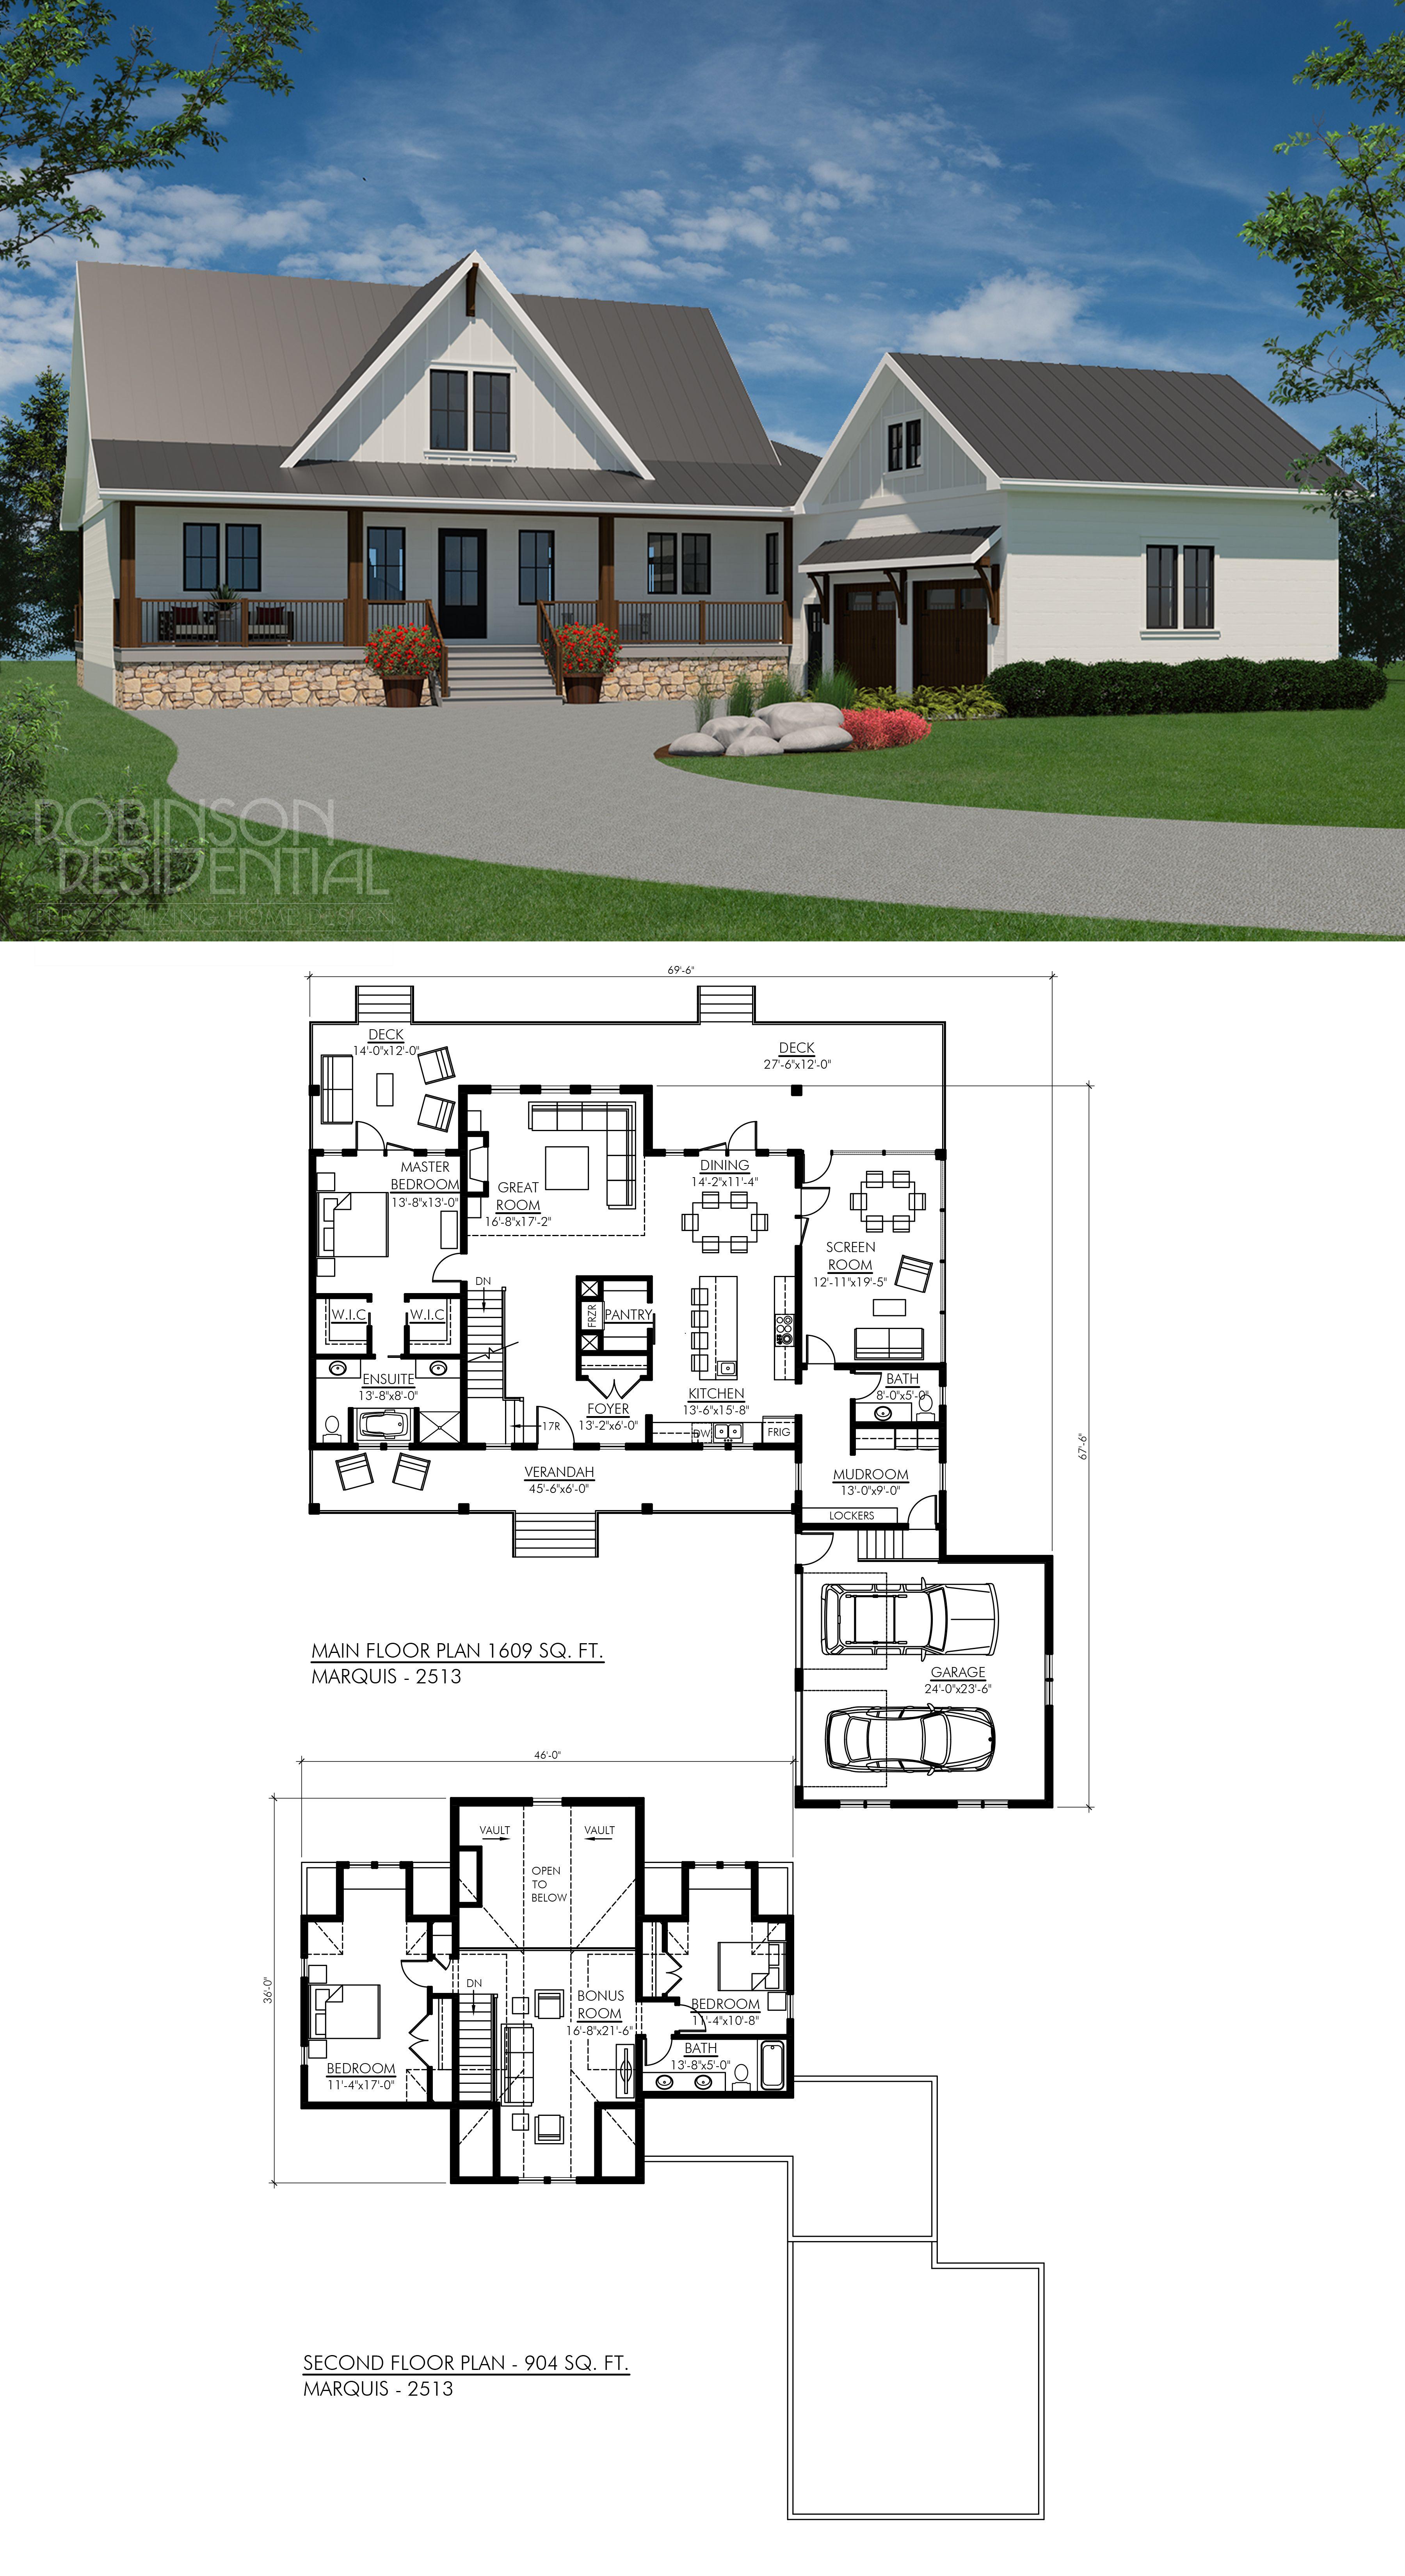 Modern Farmhouse Marquis 2513 Robinson Plans Modern Farmhouse Floorplan Simple Farmhouse Plans Simple House Plans